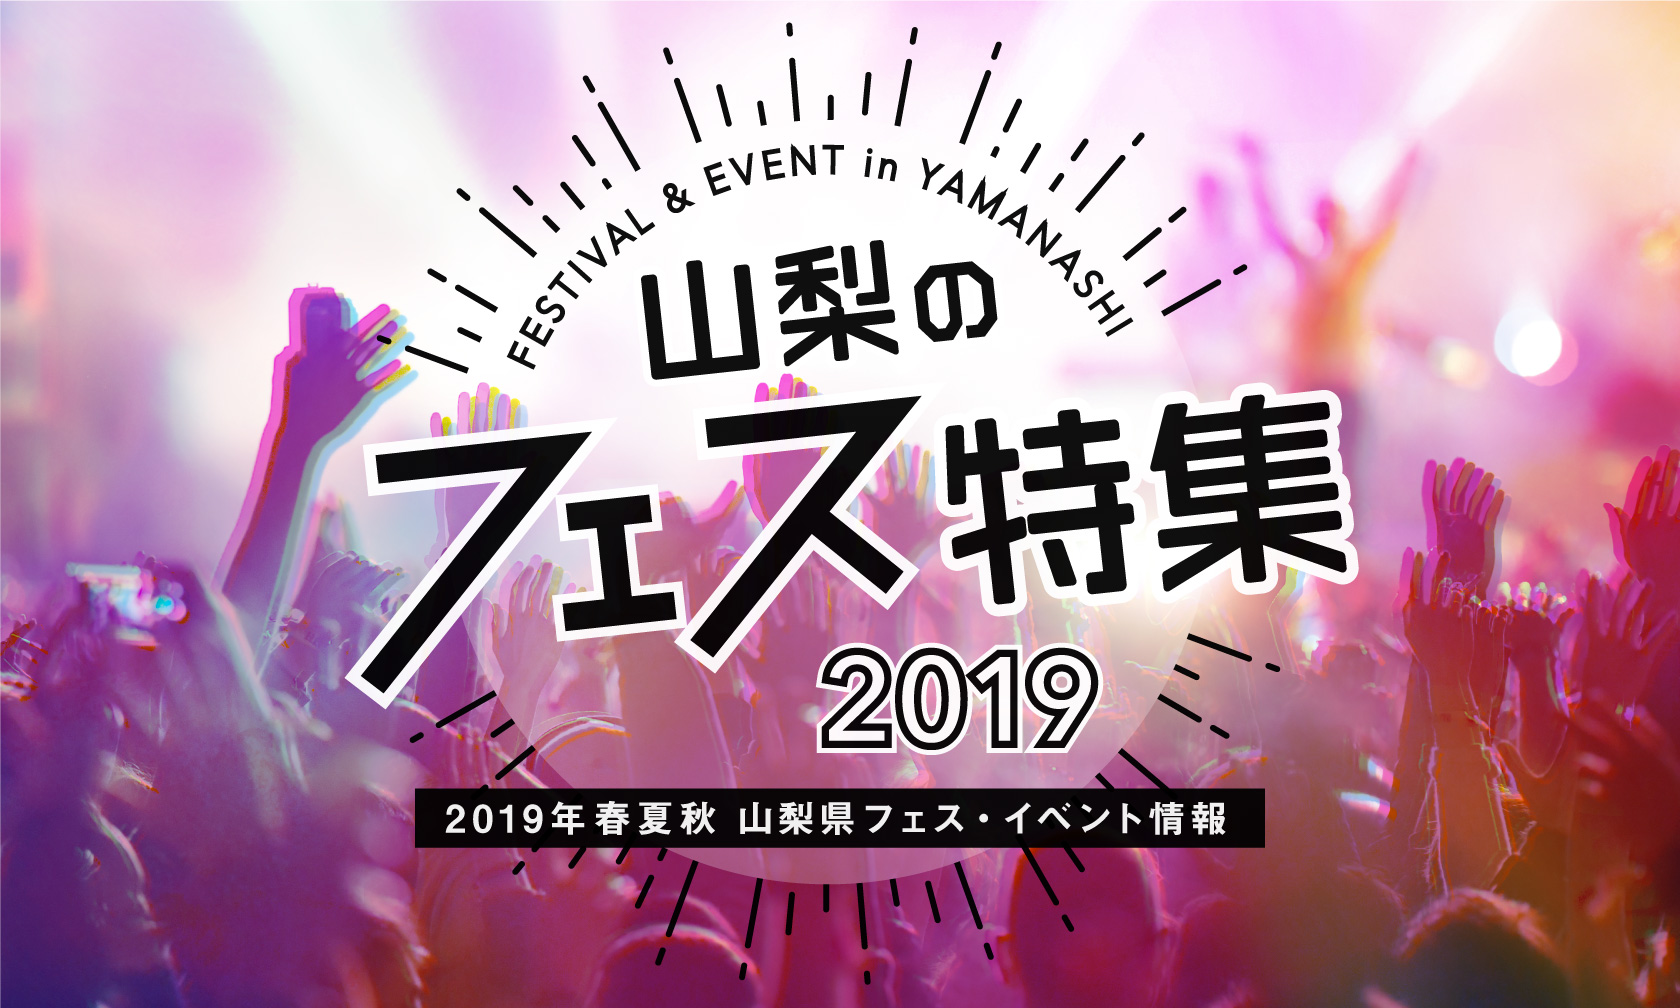 山梨のフェス特集2019~山梨県フェス・イベント情報 2019年春夏秋